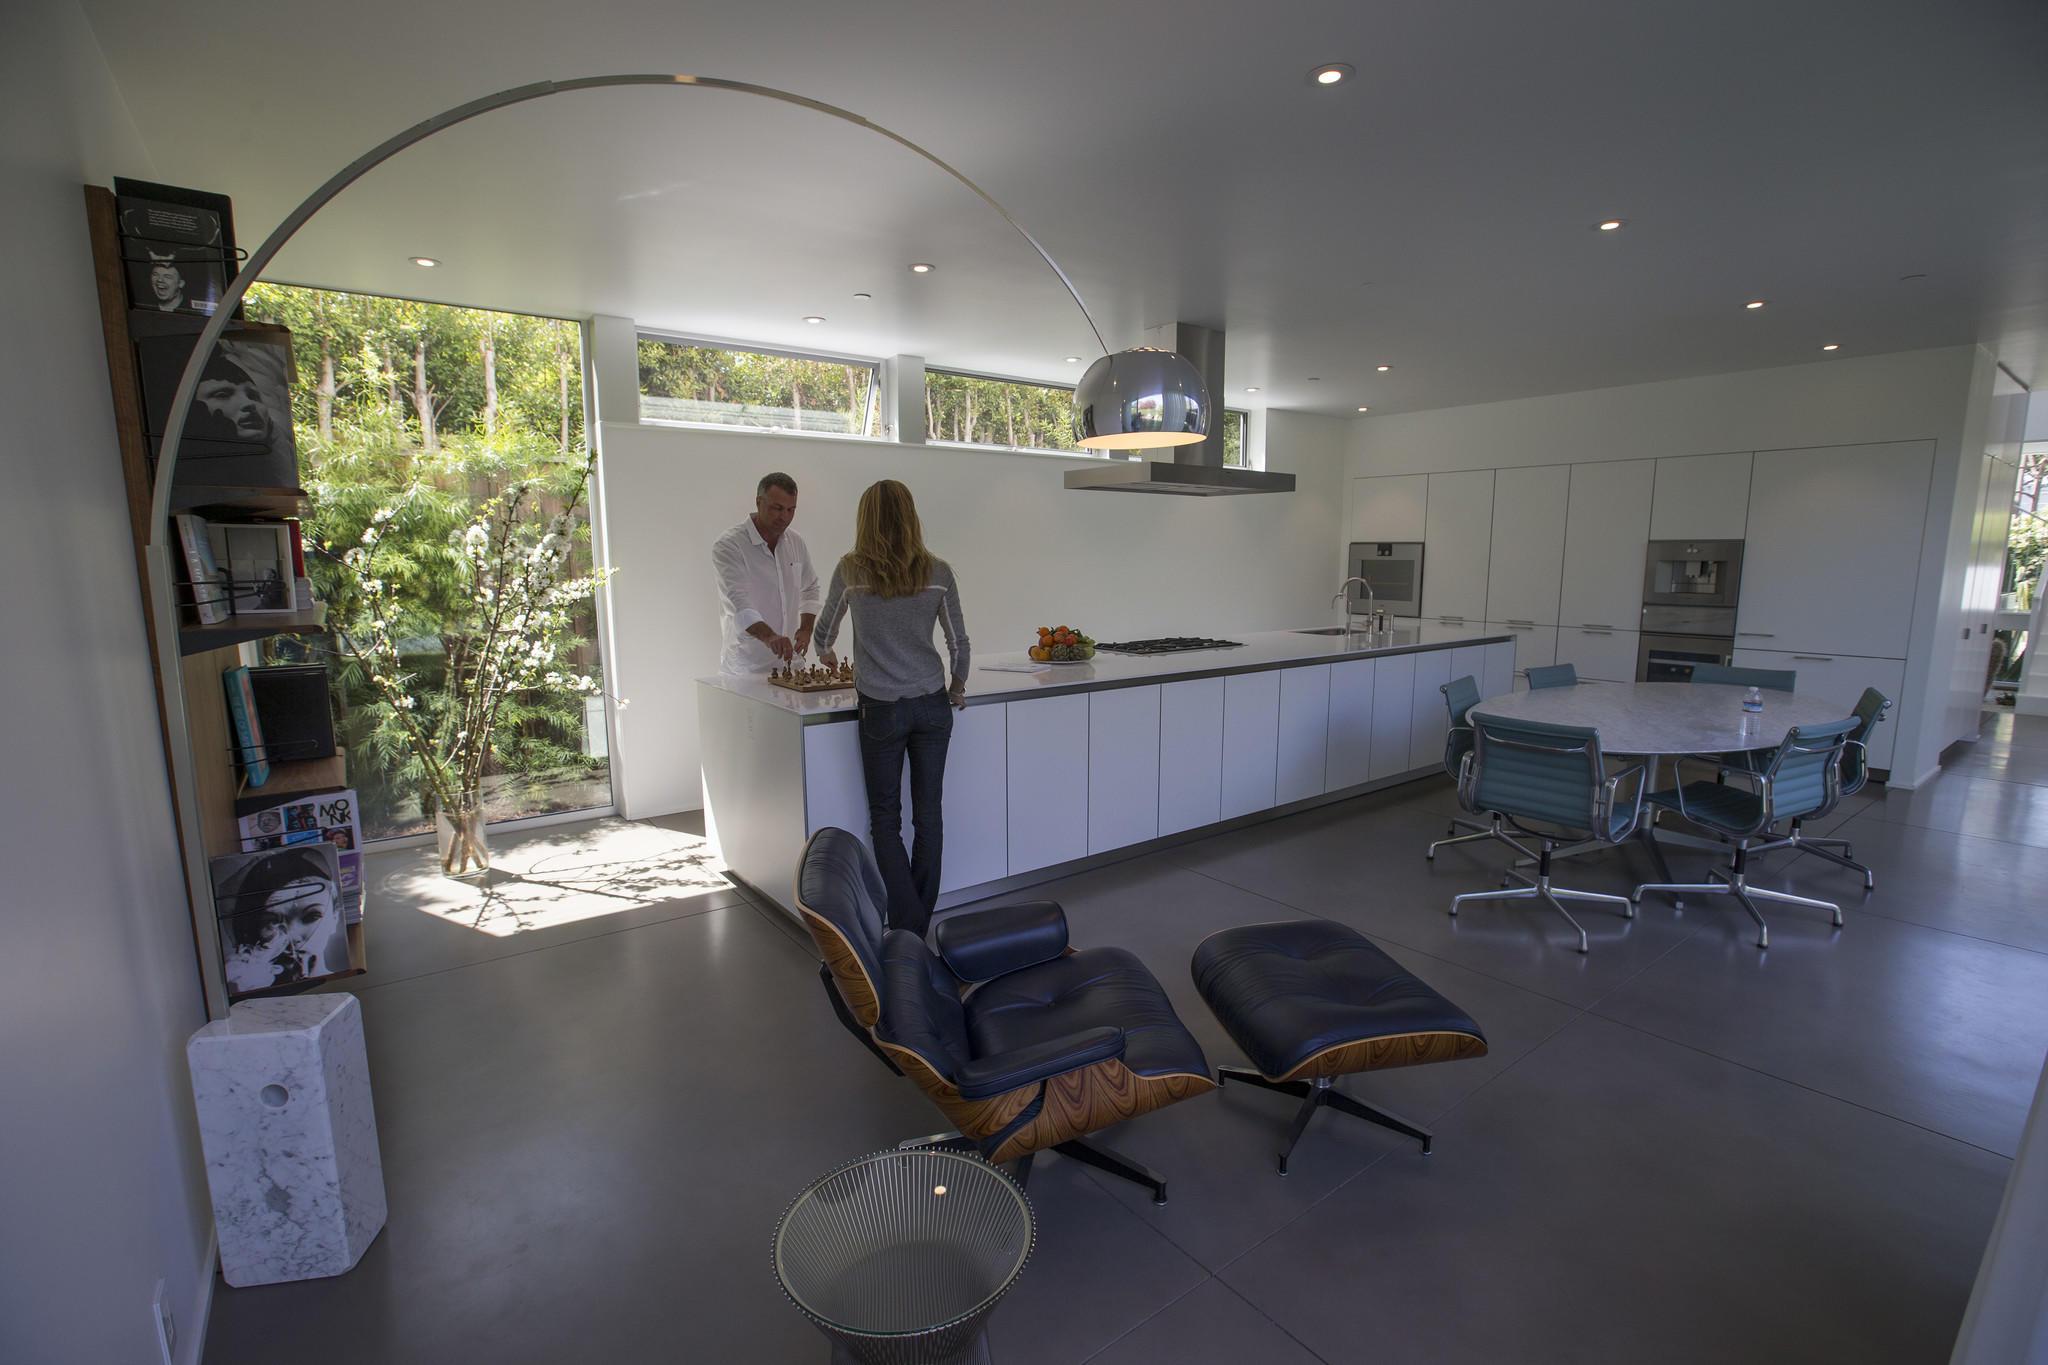 Eline Hissink and Scott Yasharian in their kitchen.